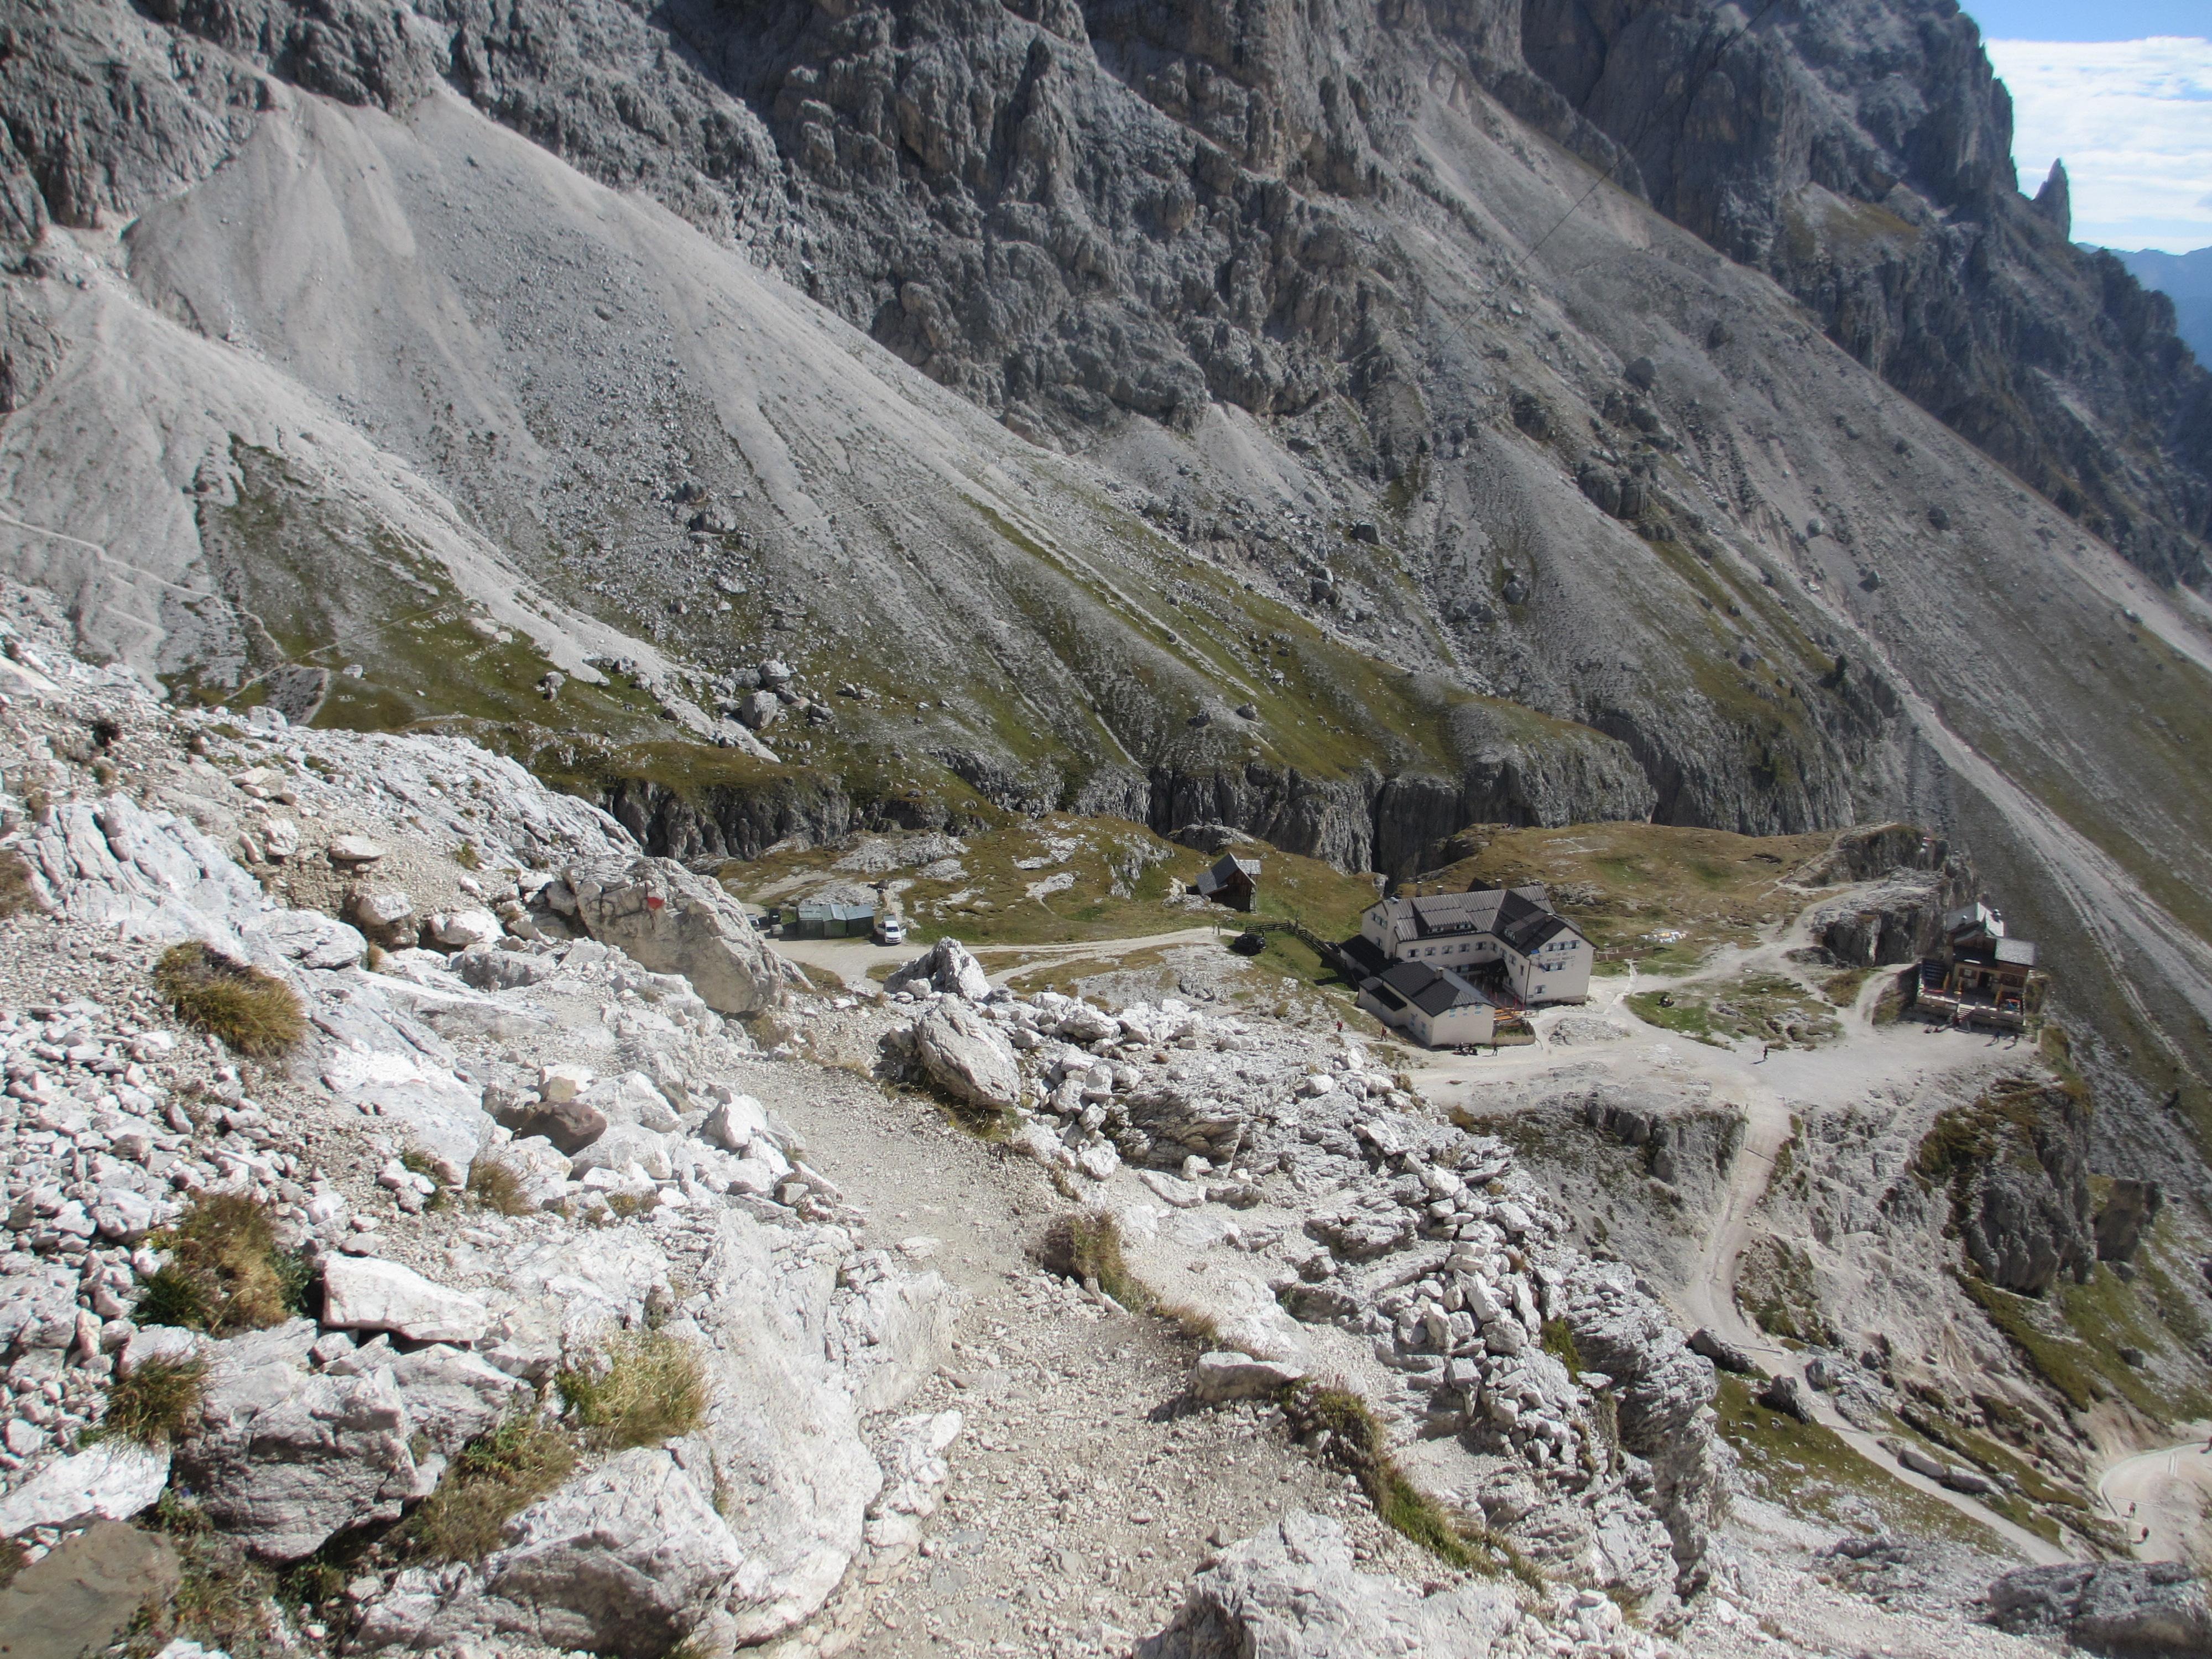 Klettersteig Rosengarten : Klettersteig durchquerung im rosengarten